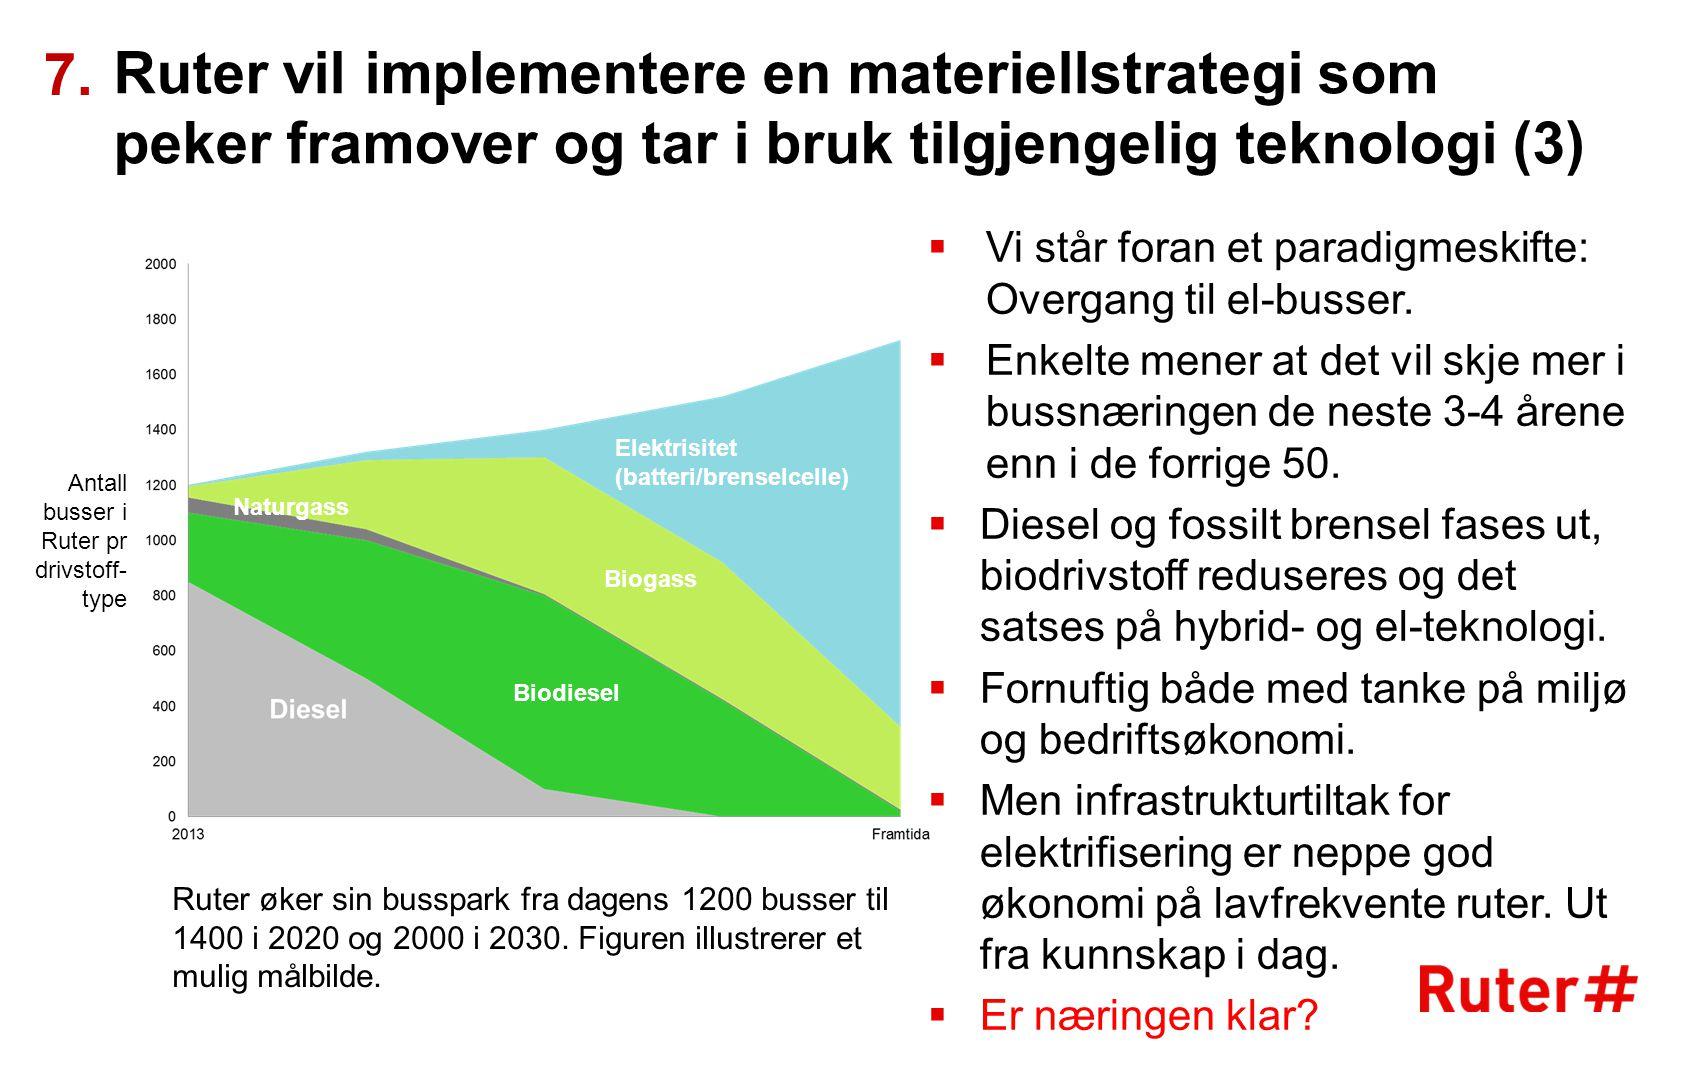 7. Ruter vil implementere en materiellstrategi som peker framover og tar i bruk tilgjengelig teknologi (3)